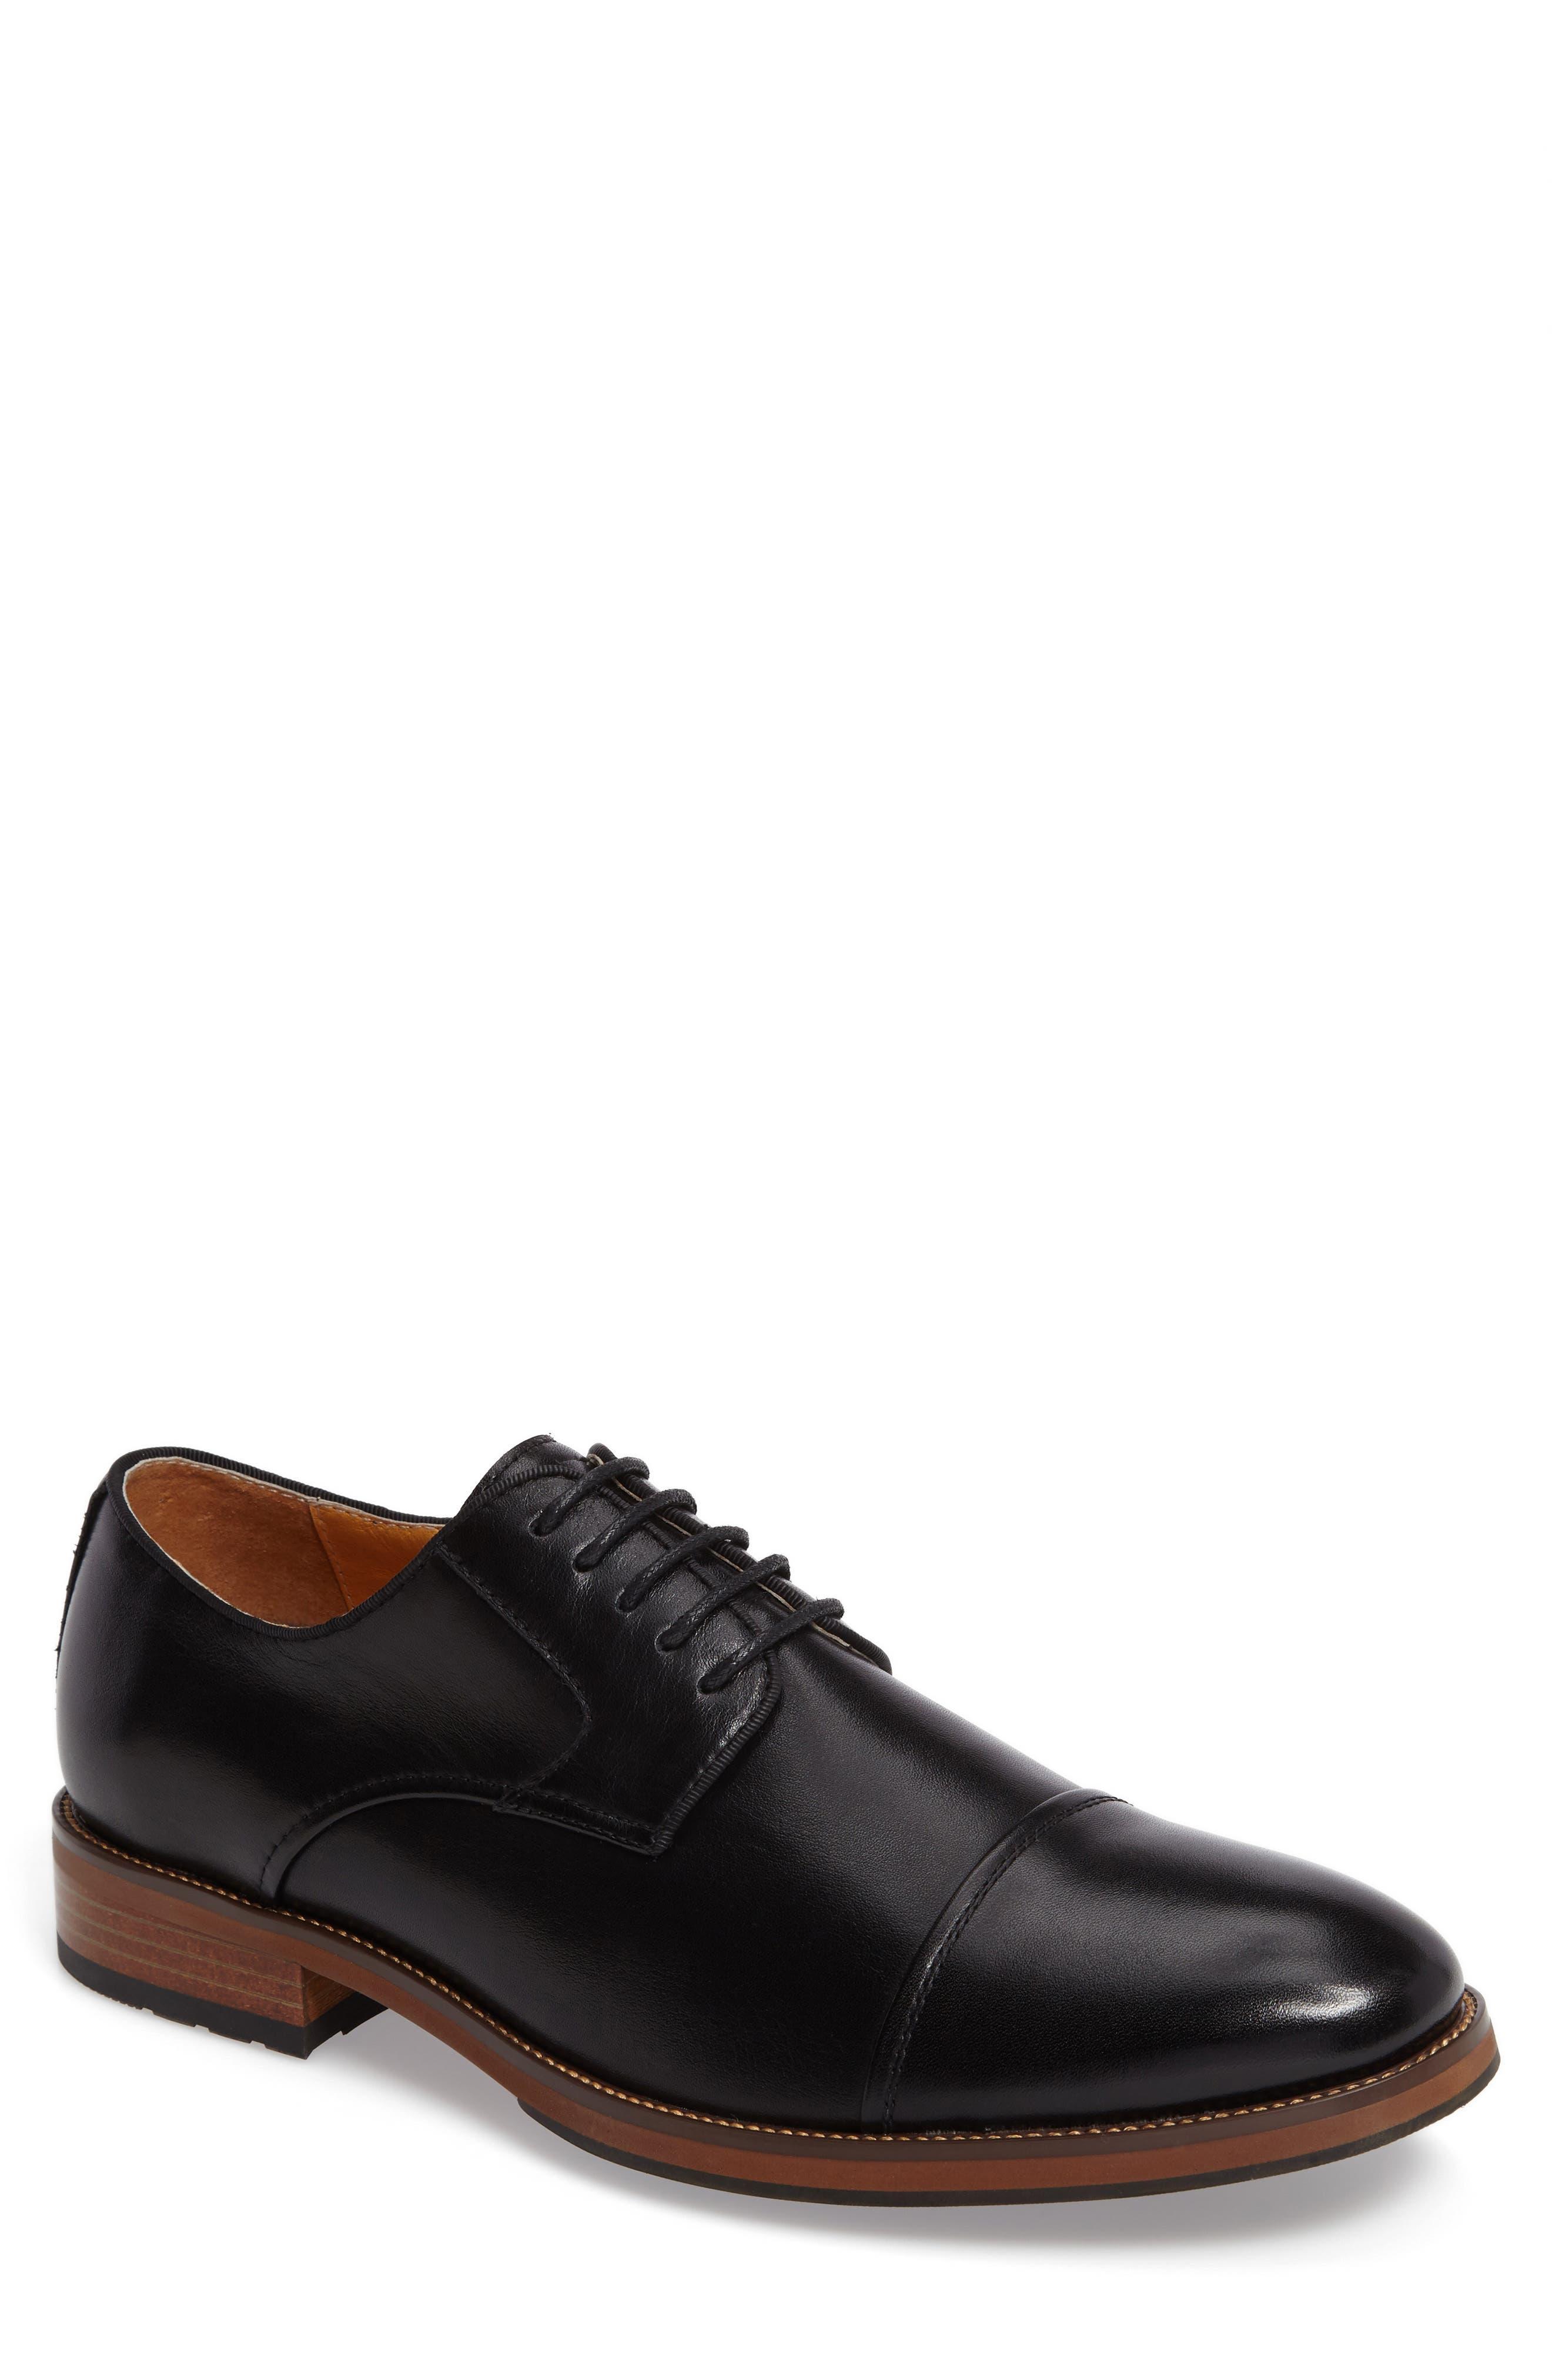 Blaze Cap Toe Derby,                             Main thumbnail 1, color,                             Black Leather